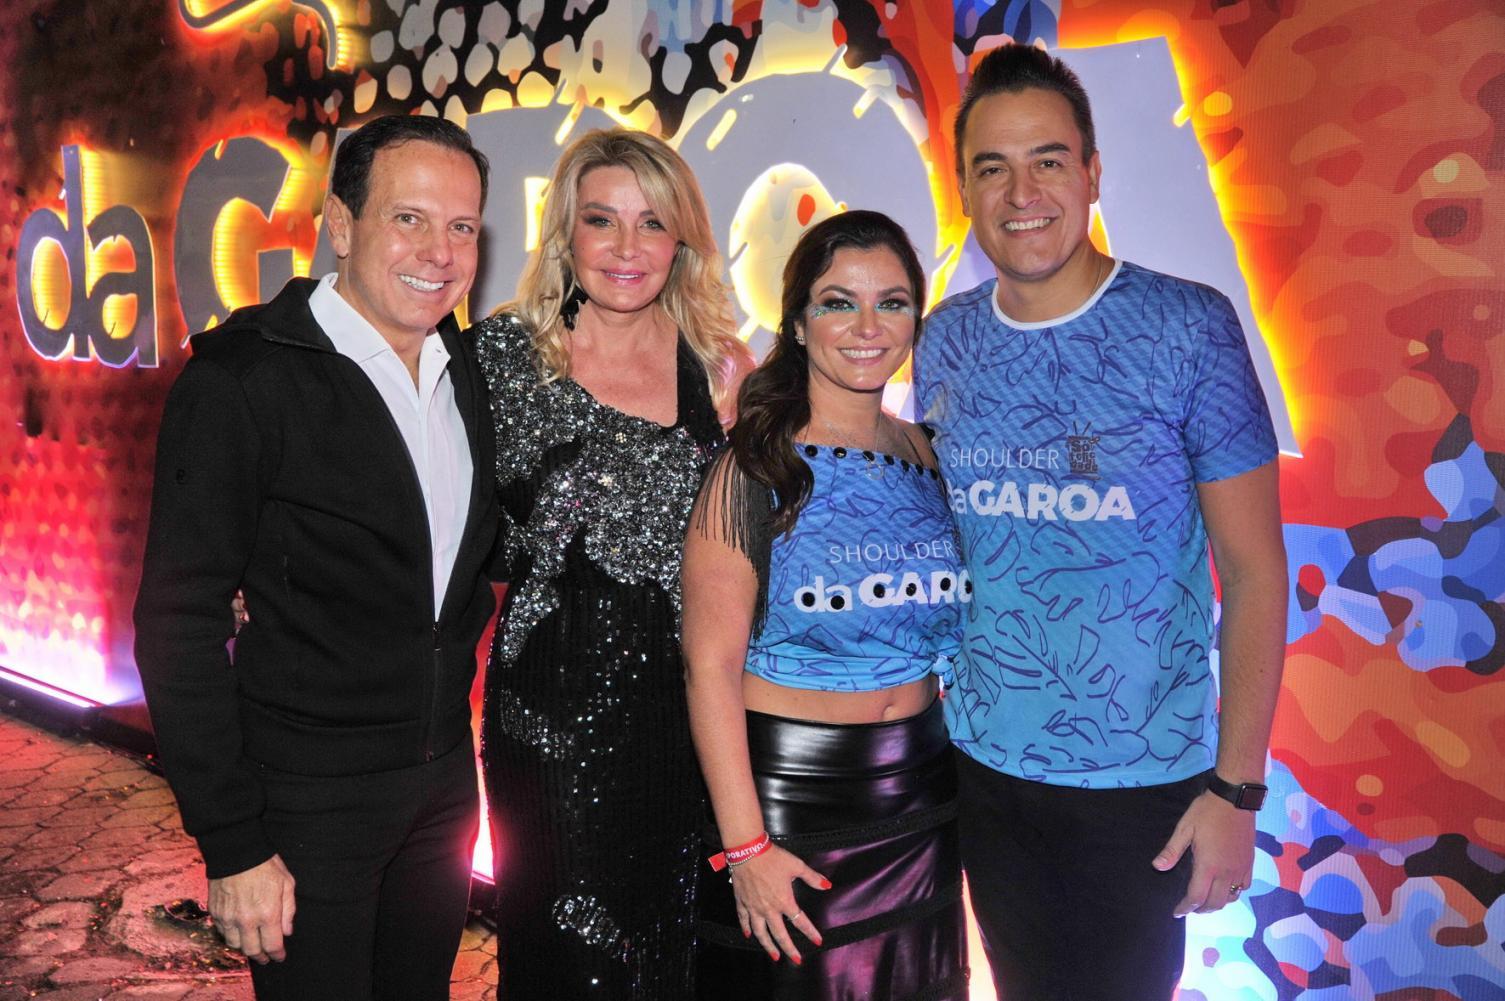 Camarote DaGaroa recebe governador João Doria e personalidades em sua segunda noite de evento